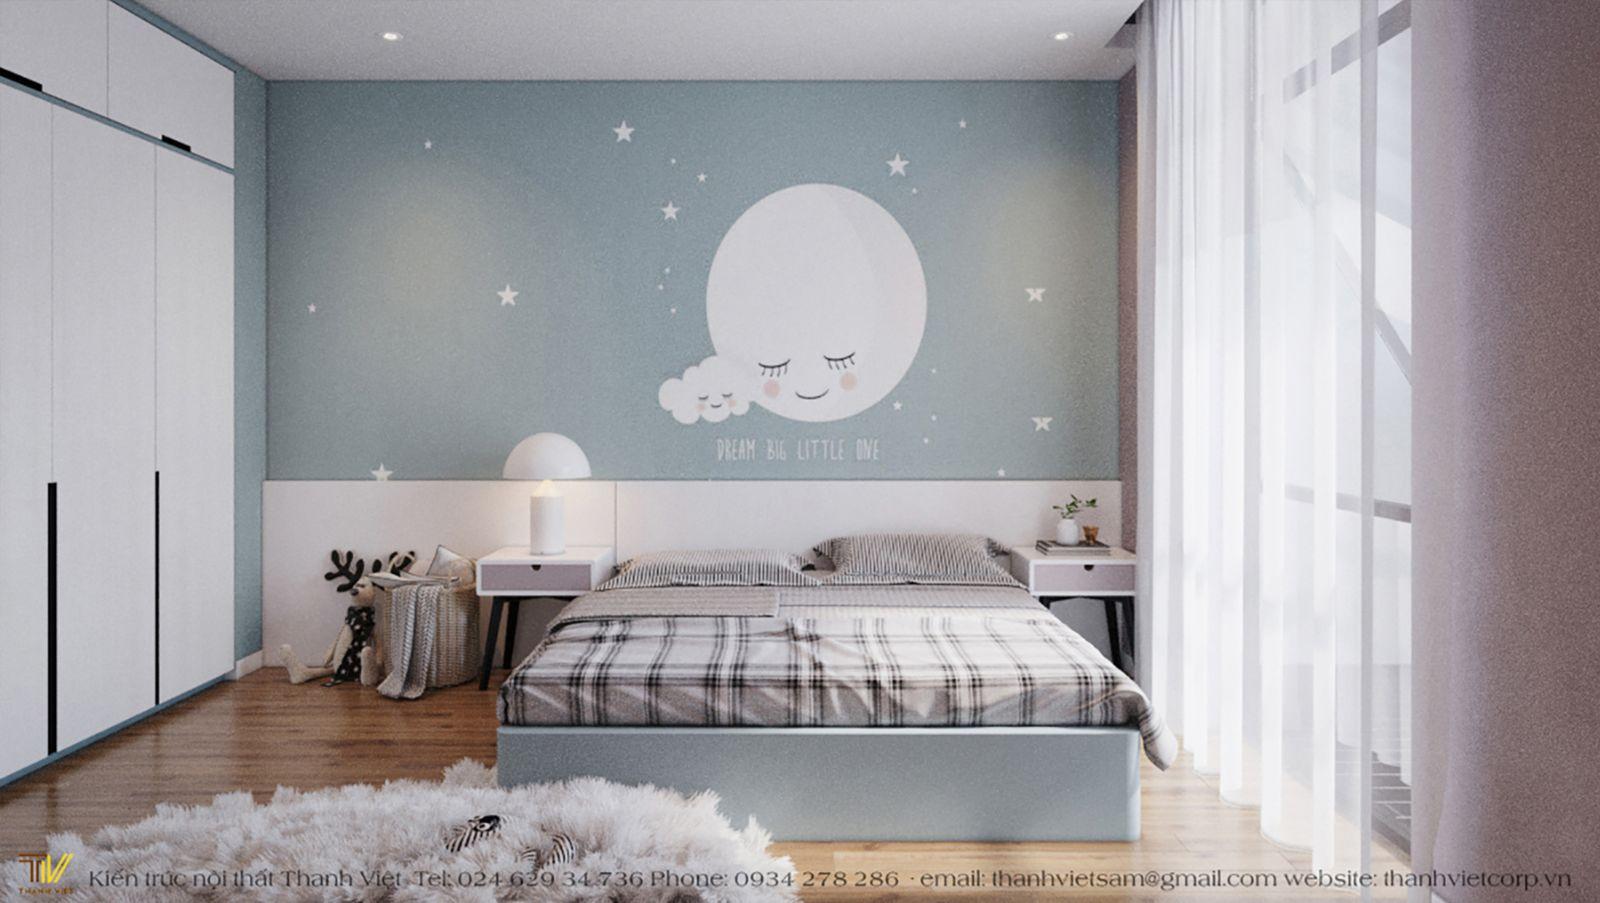 Trang trí phòng ngủ với họa tiết tròn